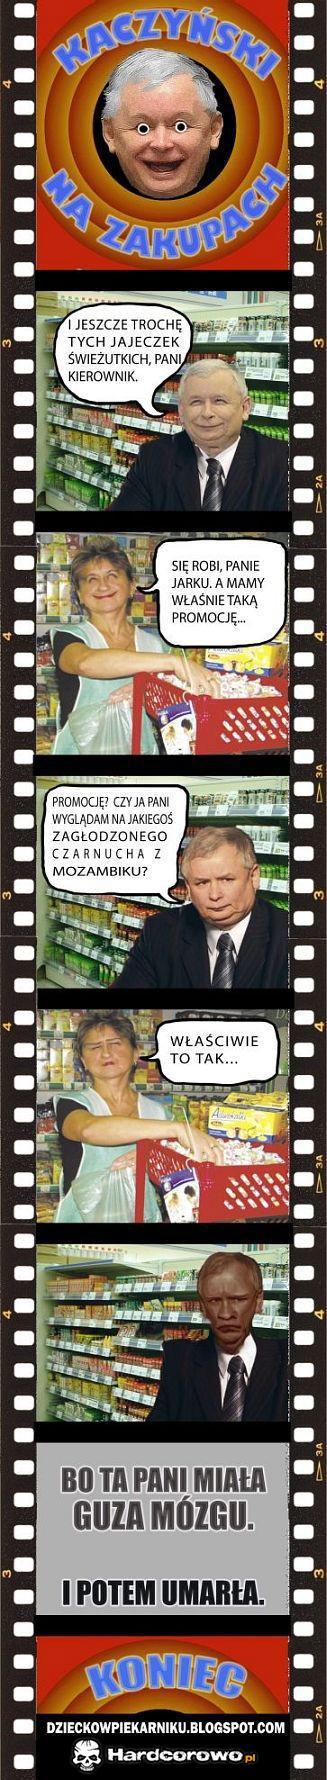 Kaczyński na zakupach - 1